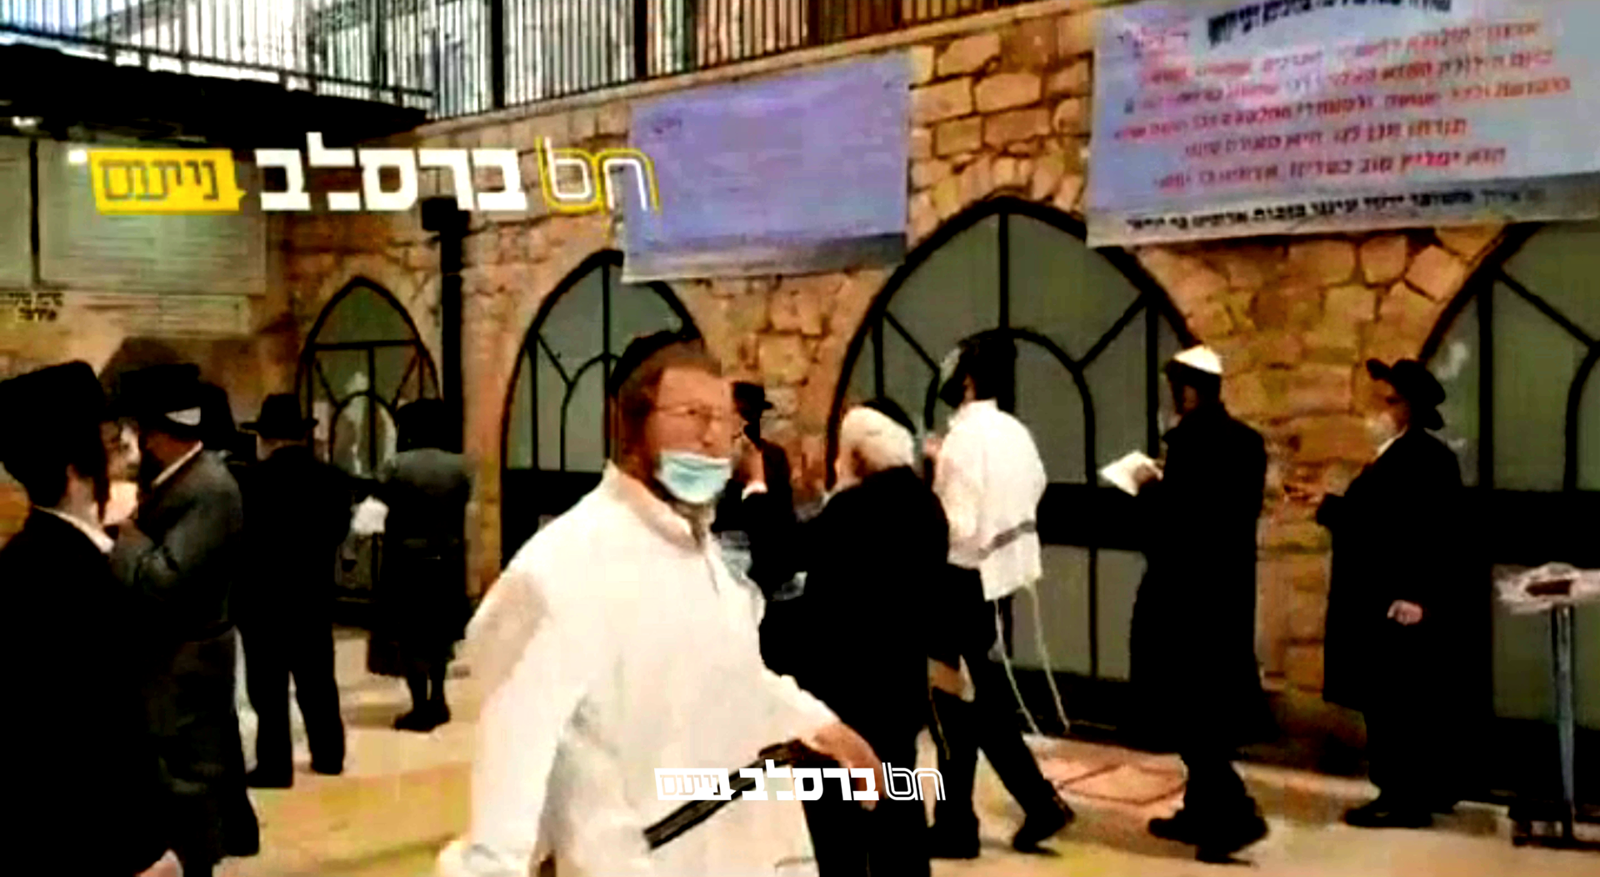 צפו • שעות אחדות לפני סגירת אתרא קדישא מירון עוד הספיקו יהודים לפקוד את ציון הרשבי